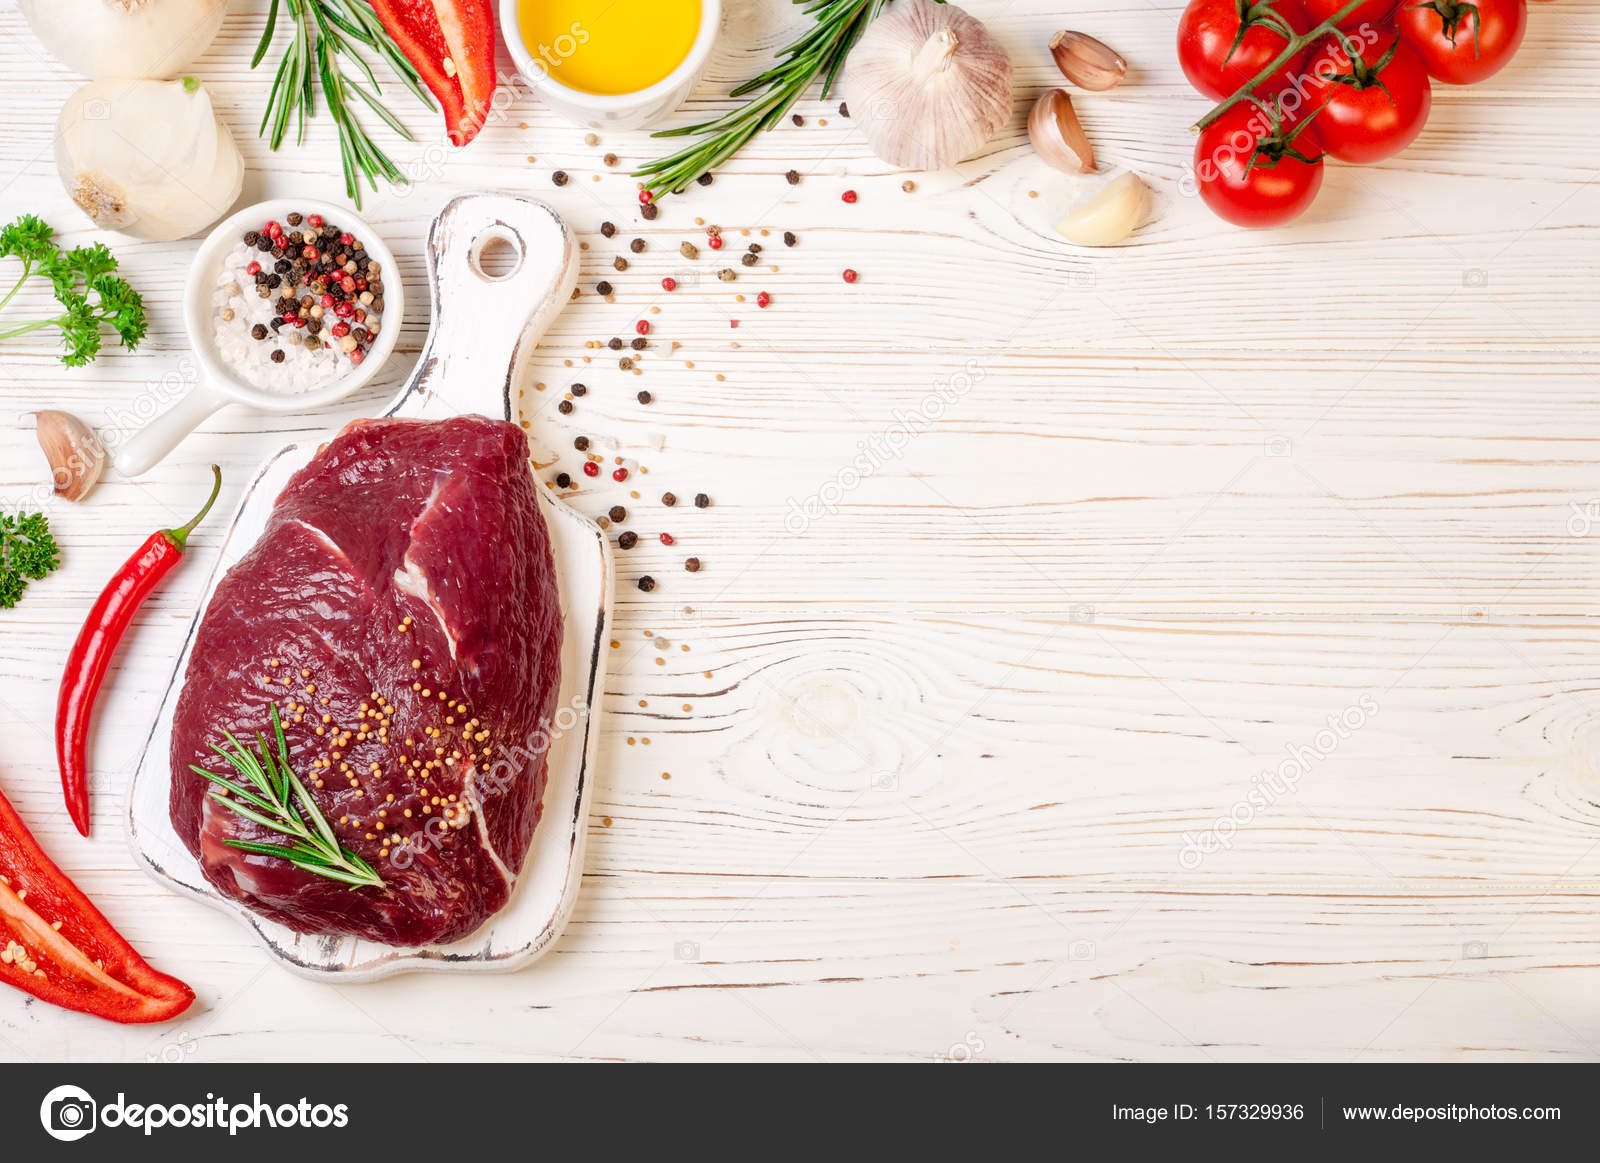 Carne cruda con hierbas, especias y condimentos en fondo blanco ...